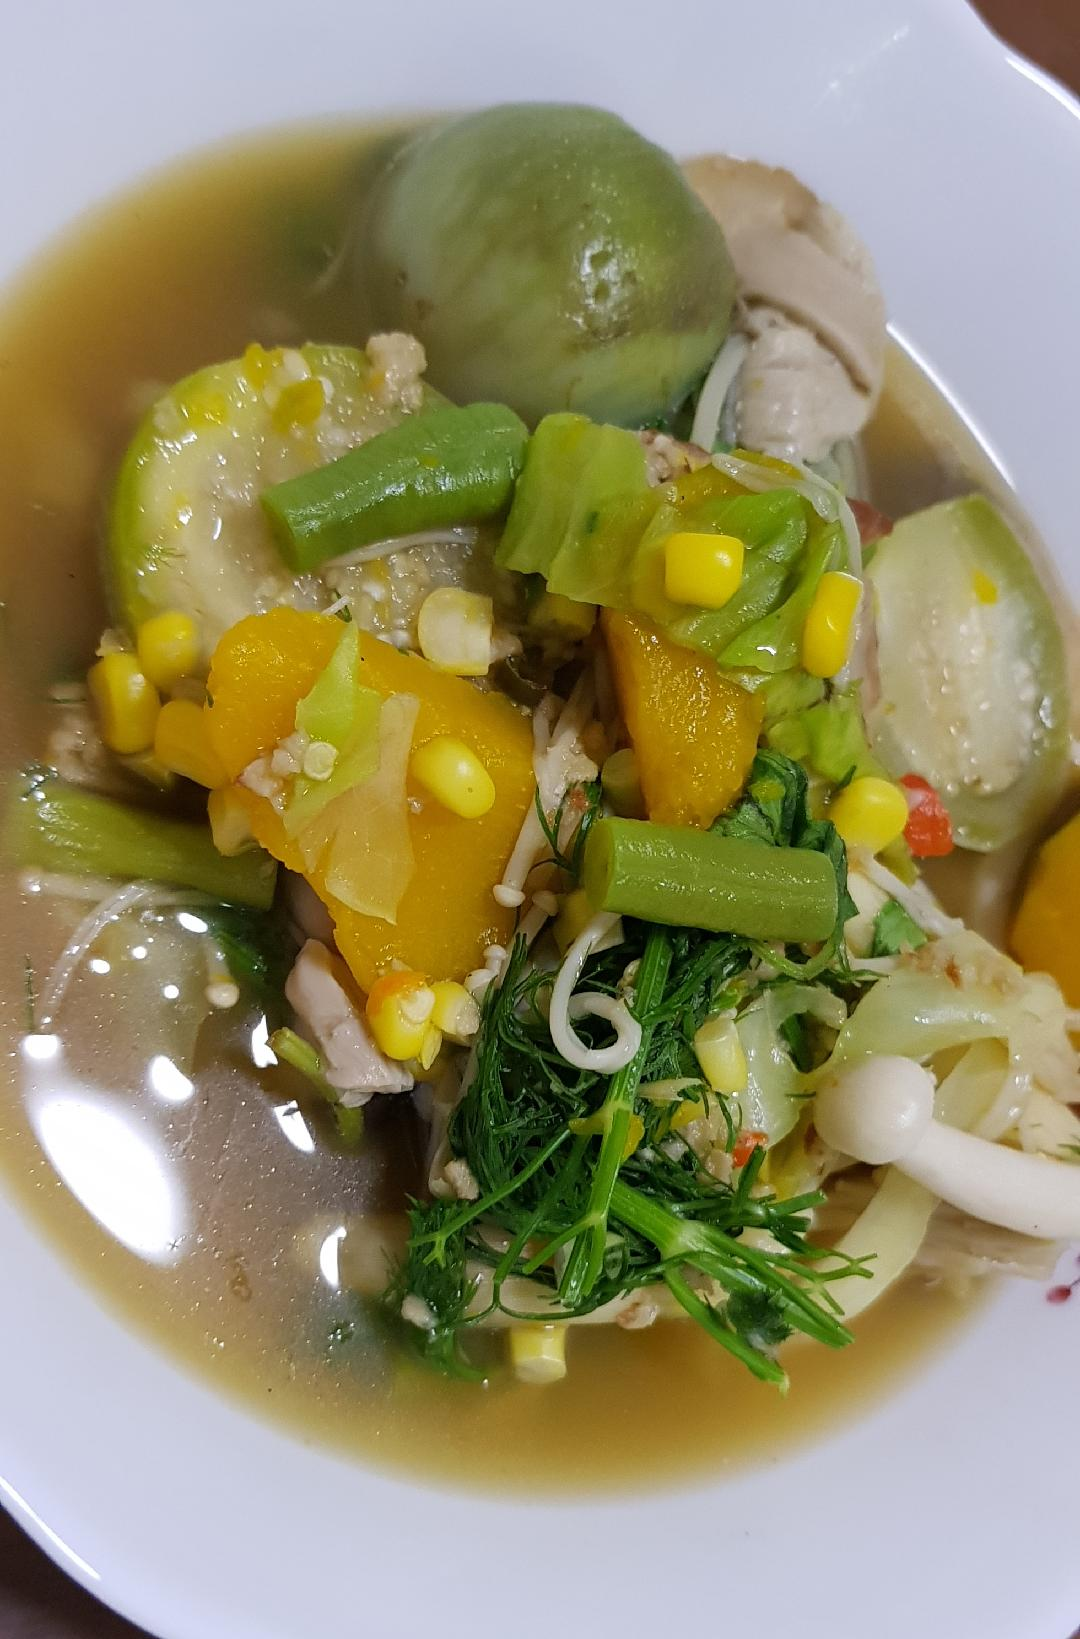 แกงอ่อมเจ อร่อยแม้ไร้ปลาร้า สูตรอาหาร วิธีทำ แม่บ้าน